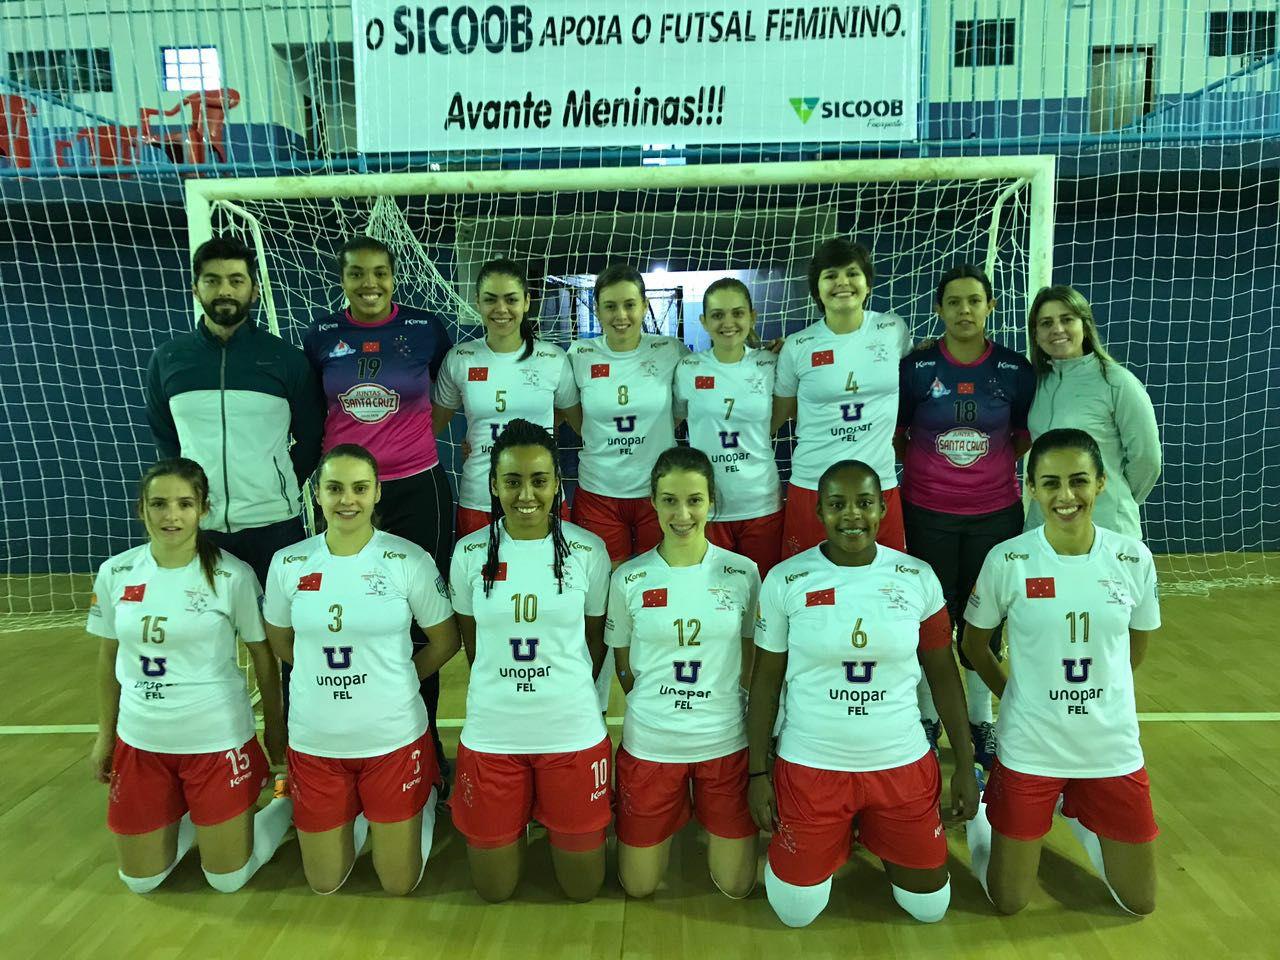 Futsal Feminino - Londrina x Assis Chateaubriand - Paranaense 2017 - Foto Divulgação